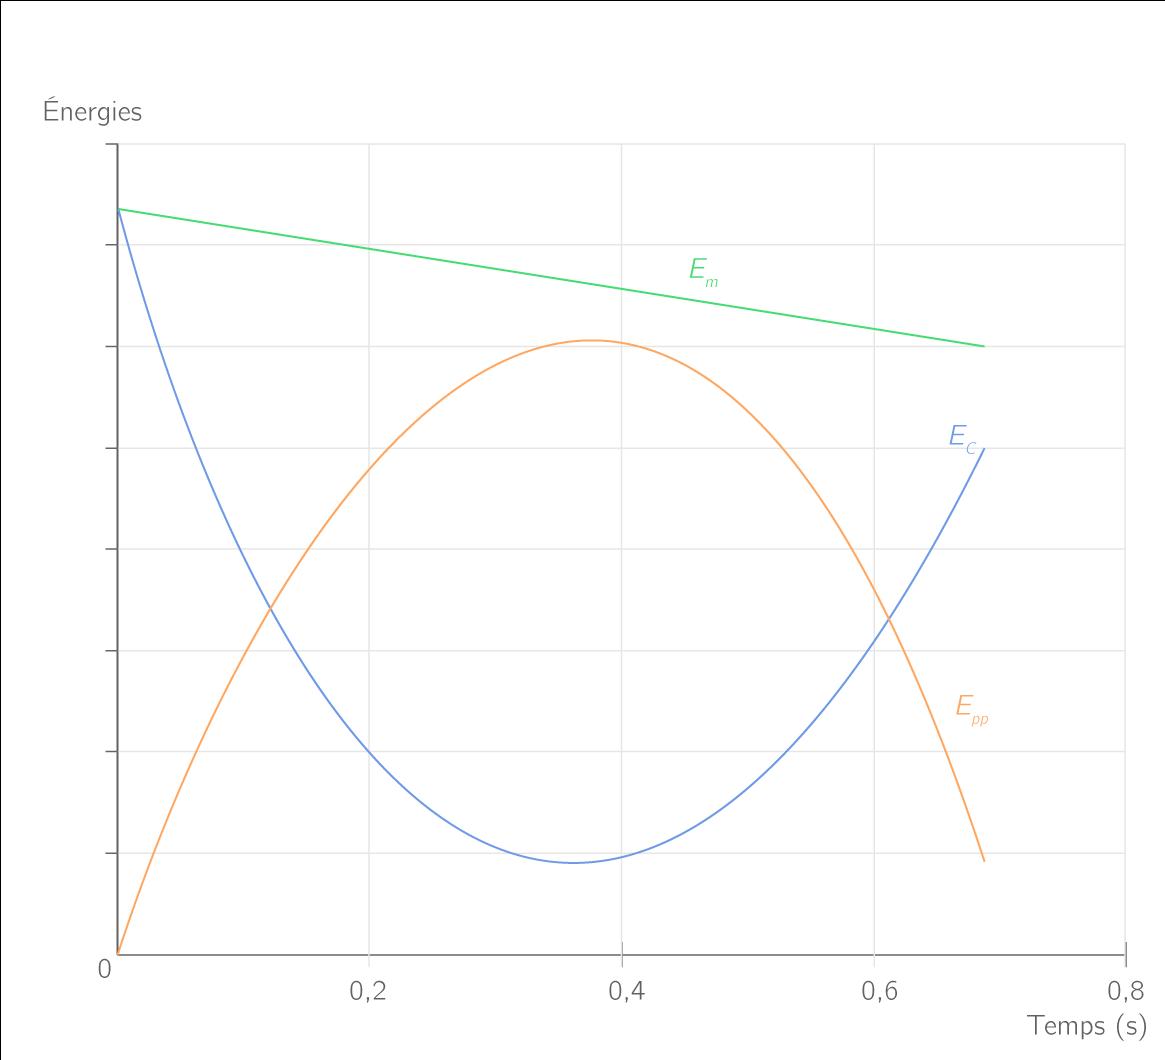 Énergie cinétique, potentielle de pesanteur et mécanique en fonction du temps lors du mouvement parabolique avec frottements d'une balle lancée